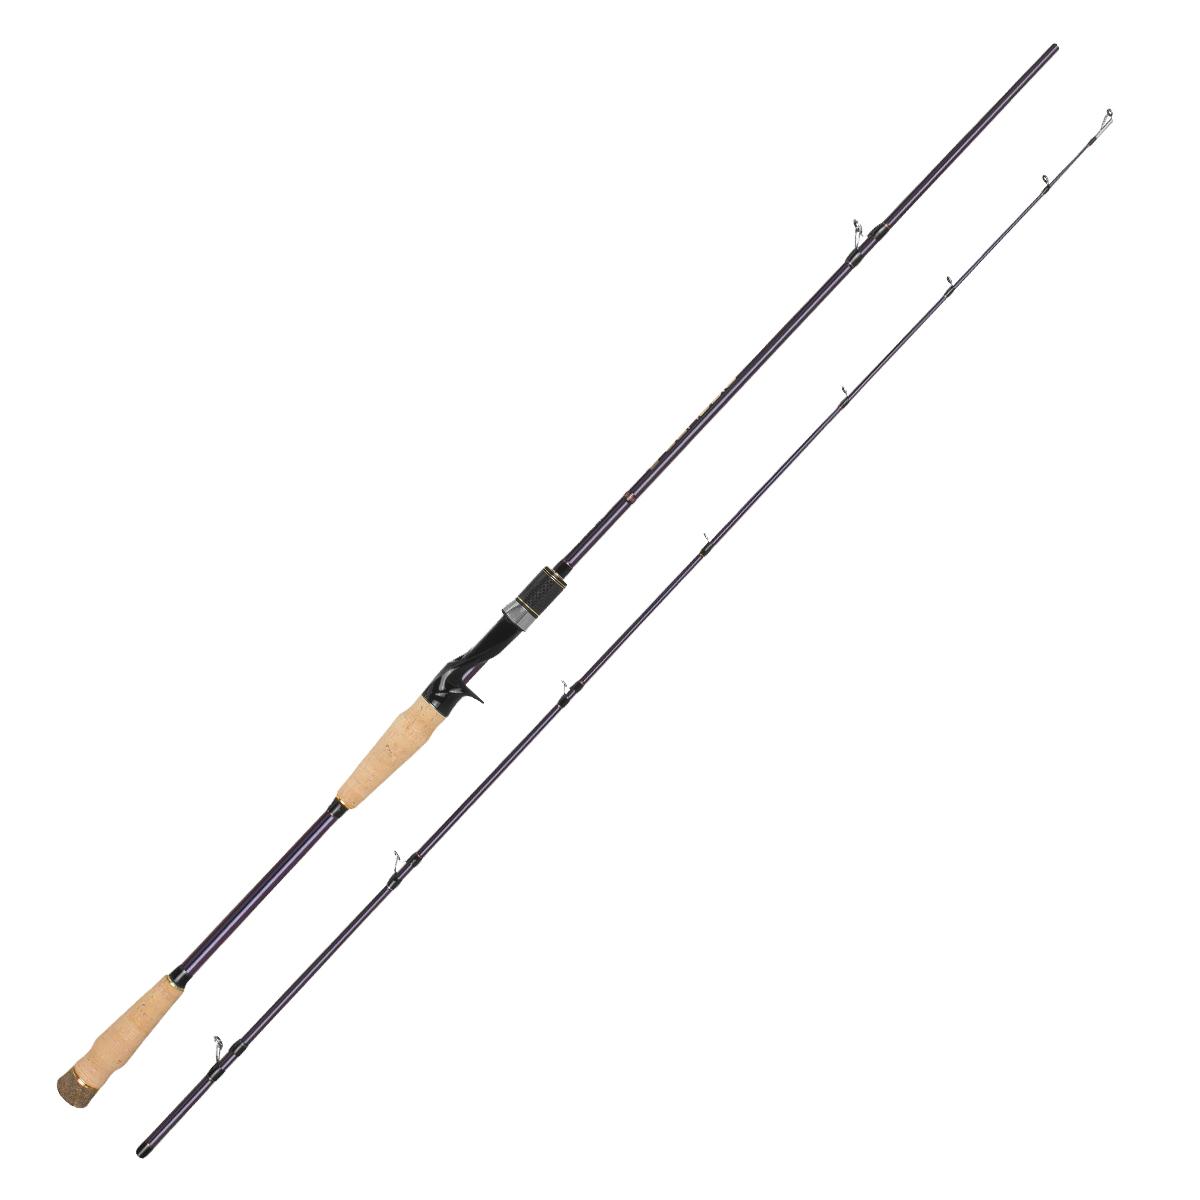 Vara Saint New Classic p/ Carretilha 2,70 m 50 lbs (2 partes)  - Pró Pesca Shop